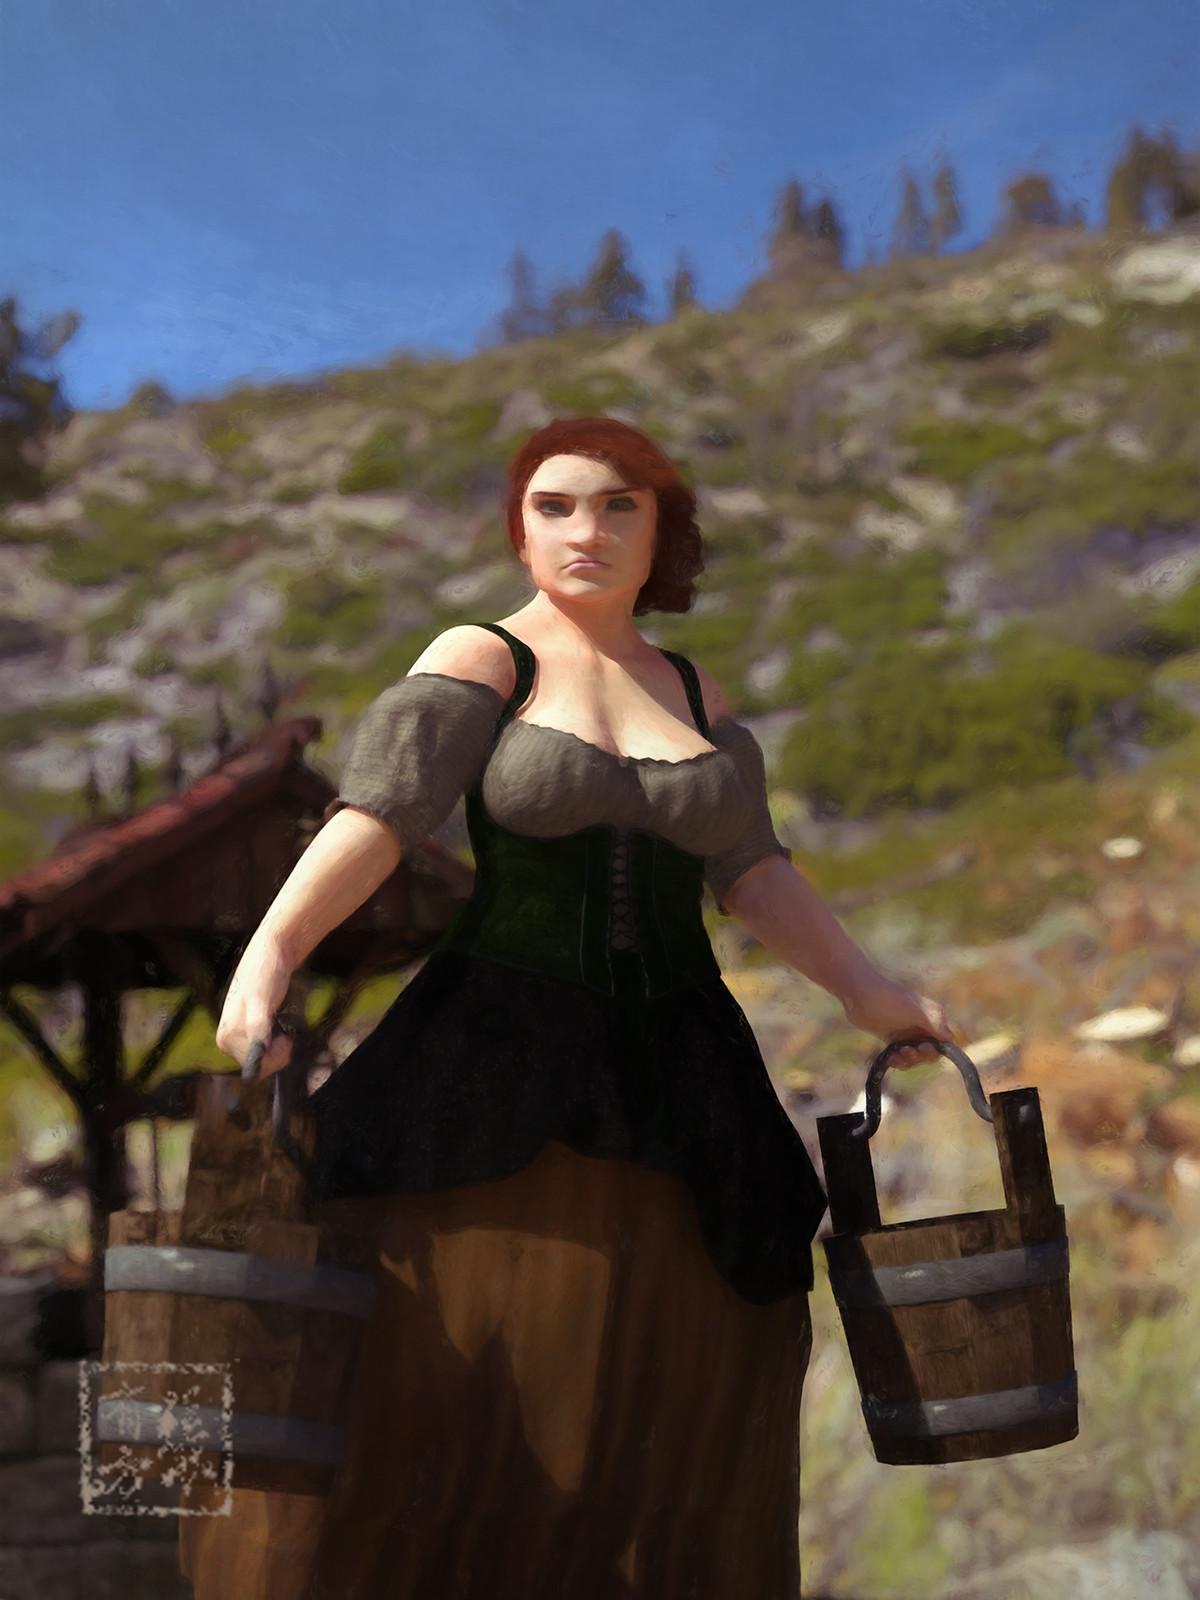 Dwarf Maiden